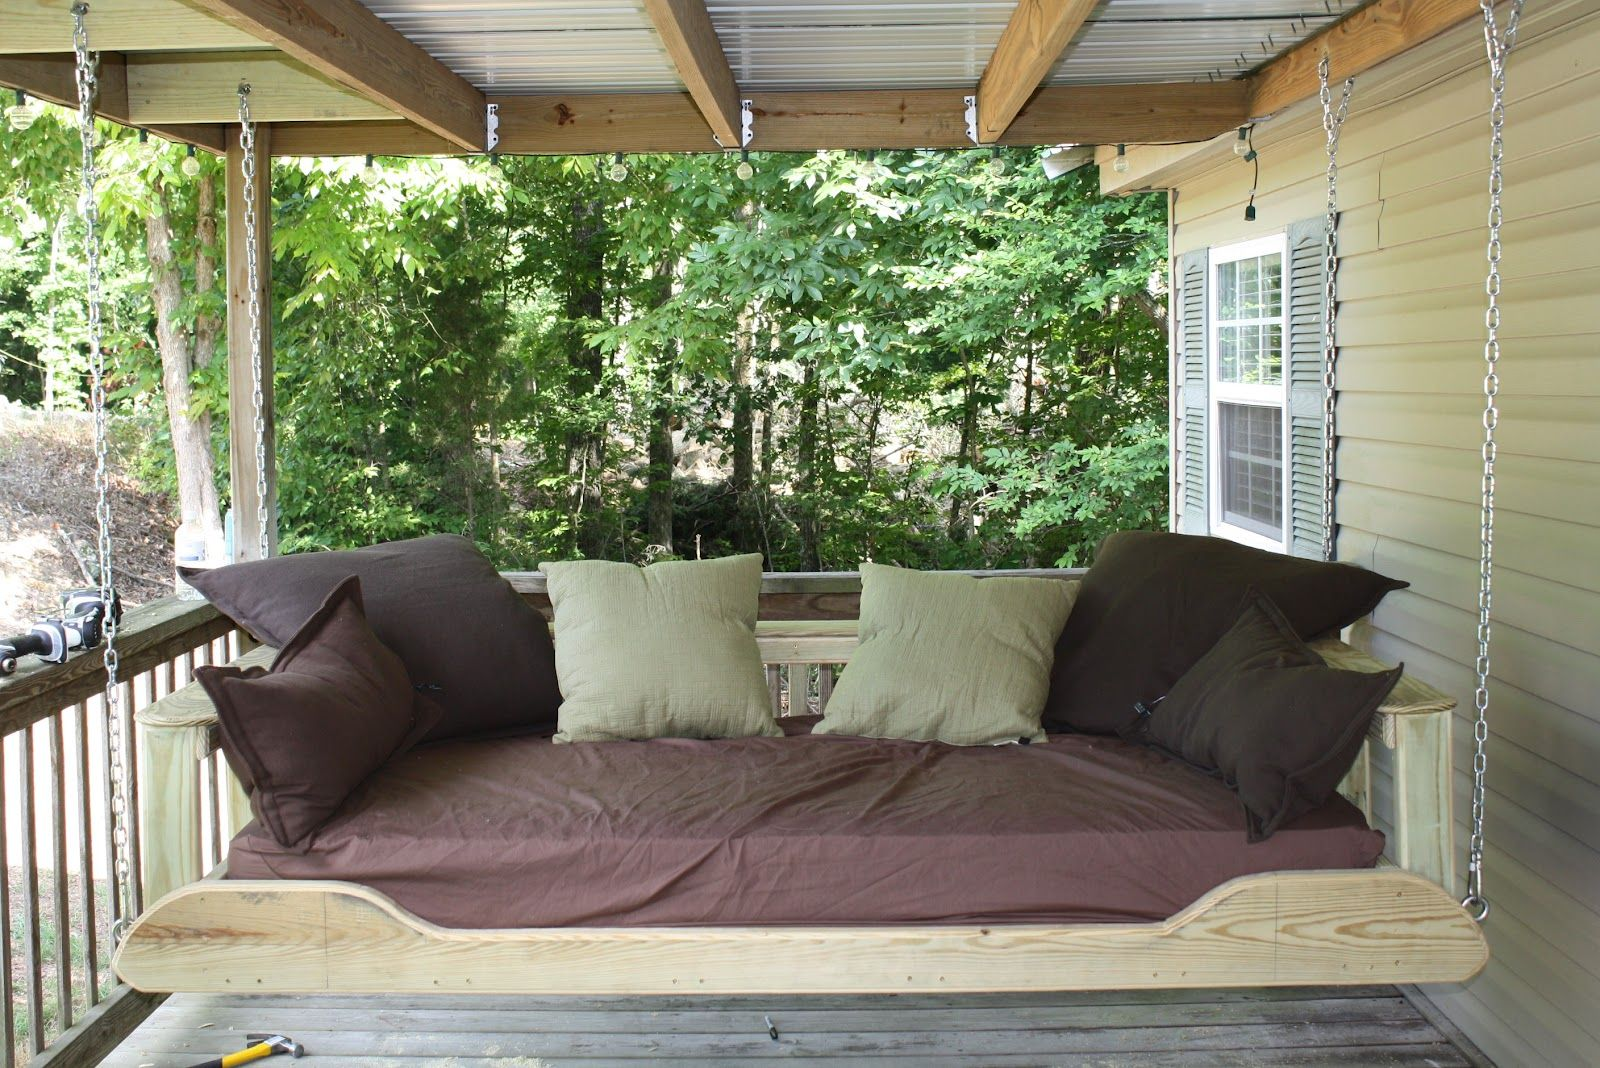 Outdoor Swing Bed Plans Outdoor Swing Bed